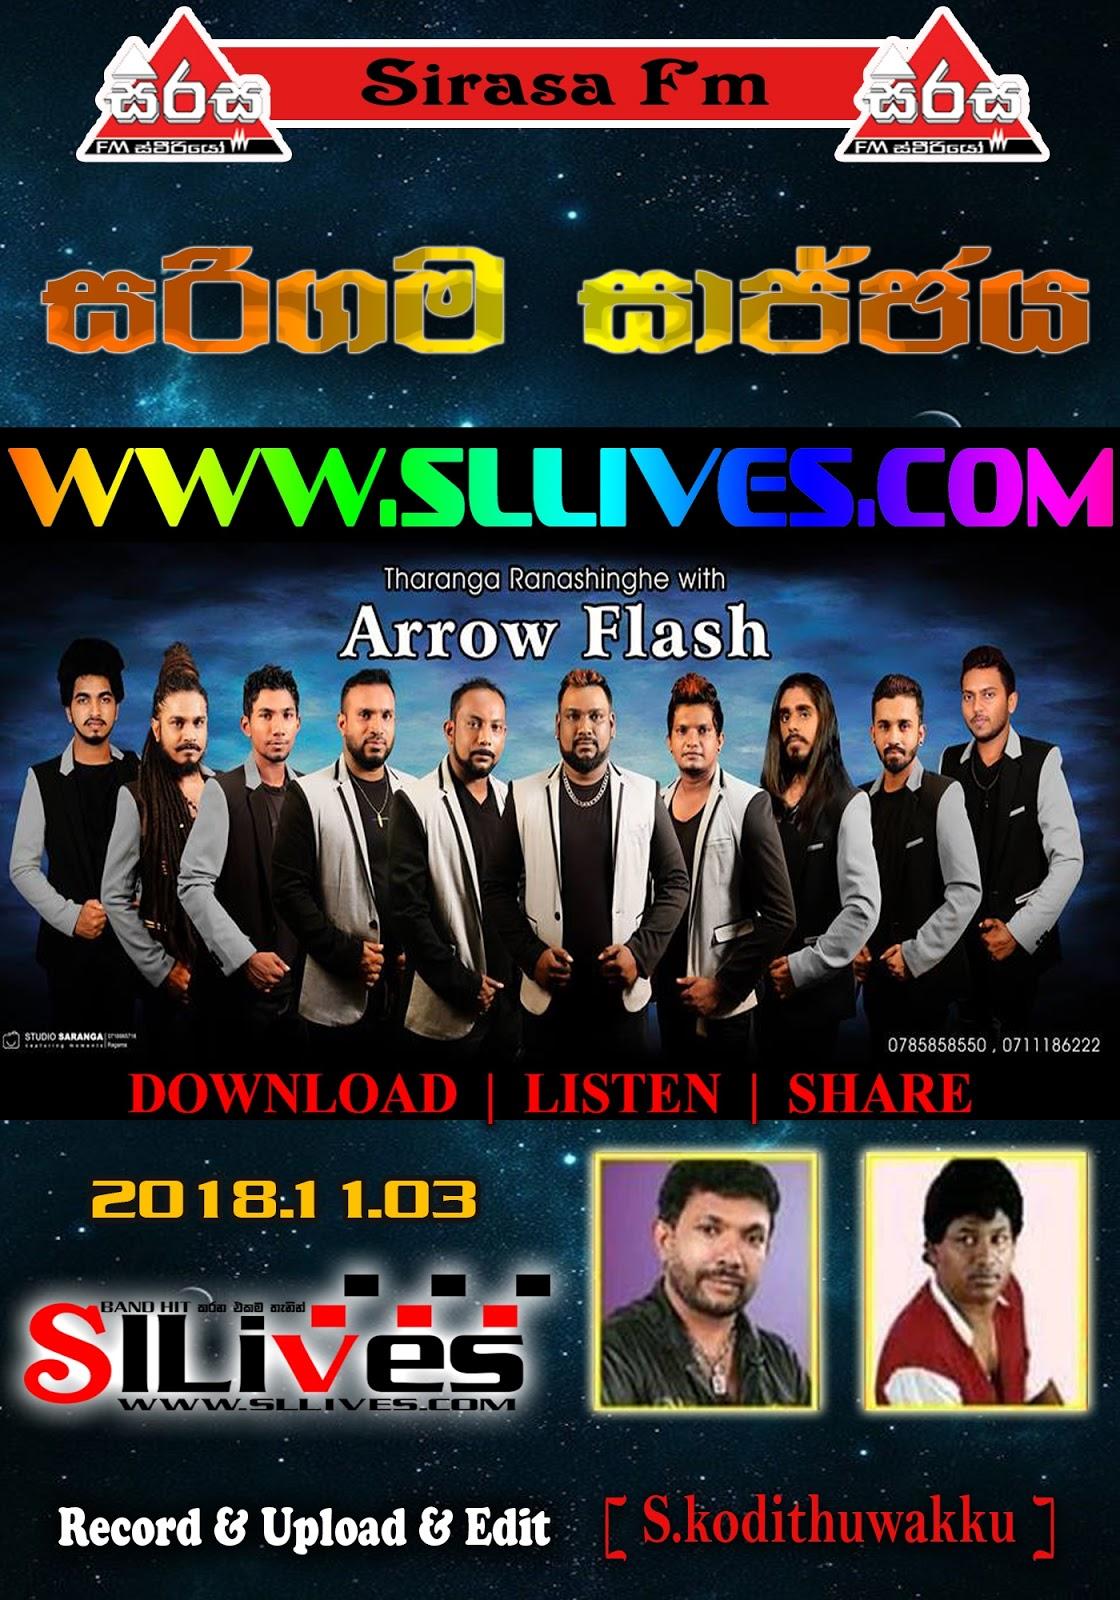 Sirasa fm live show